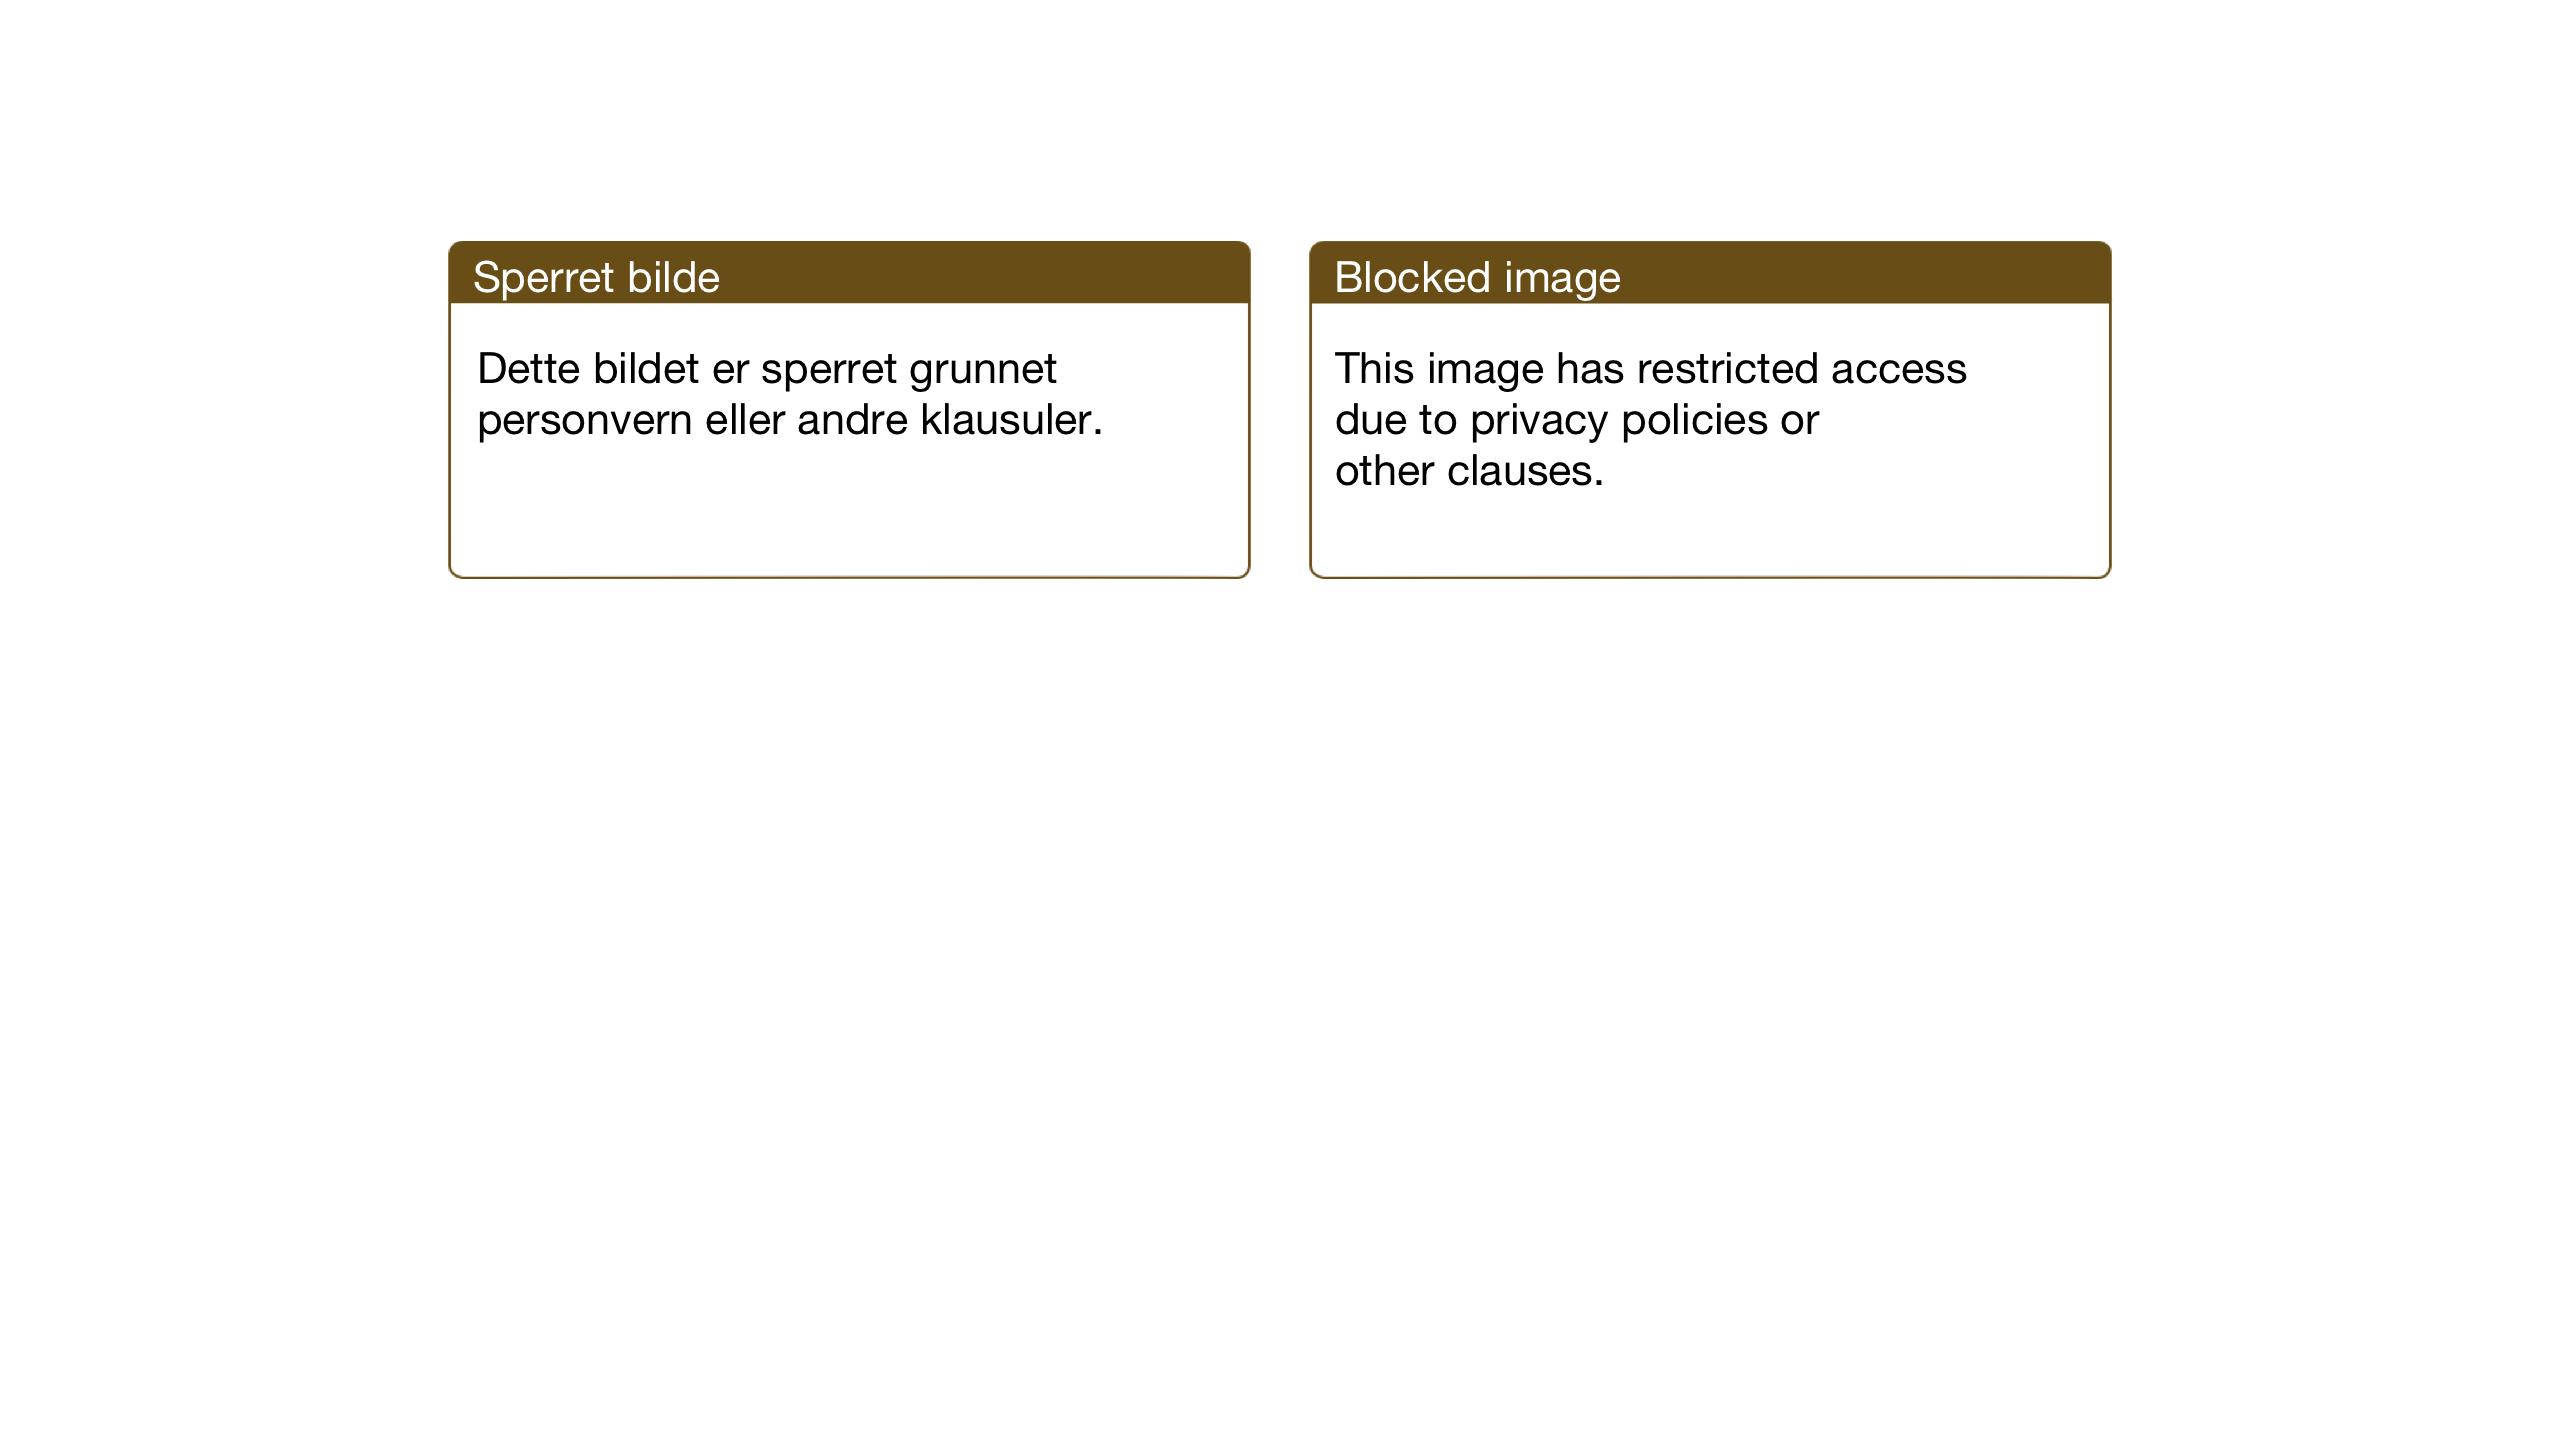 SAT, Ministerialprotokoller, klokkerbøker og fødselsregistre - Sør-Trøndelag, 603/L0174: Klokkerbok nr. 603C02, 1923-1951, s. 104